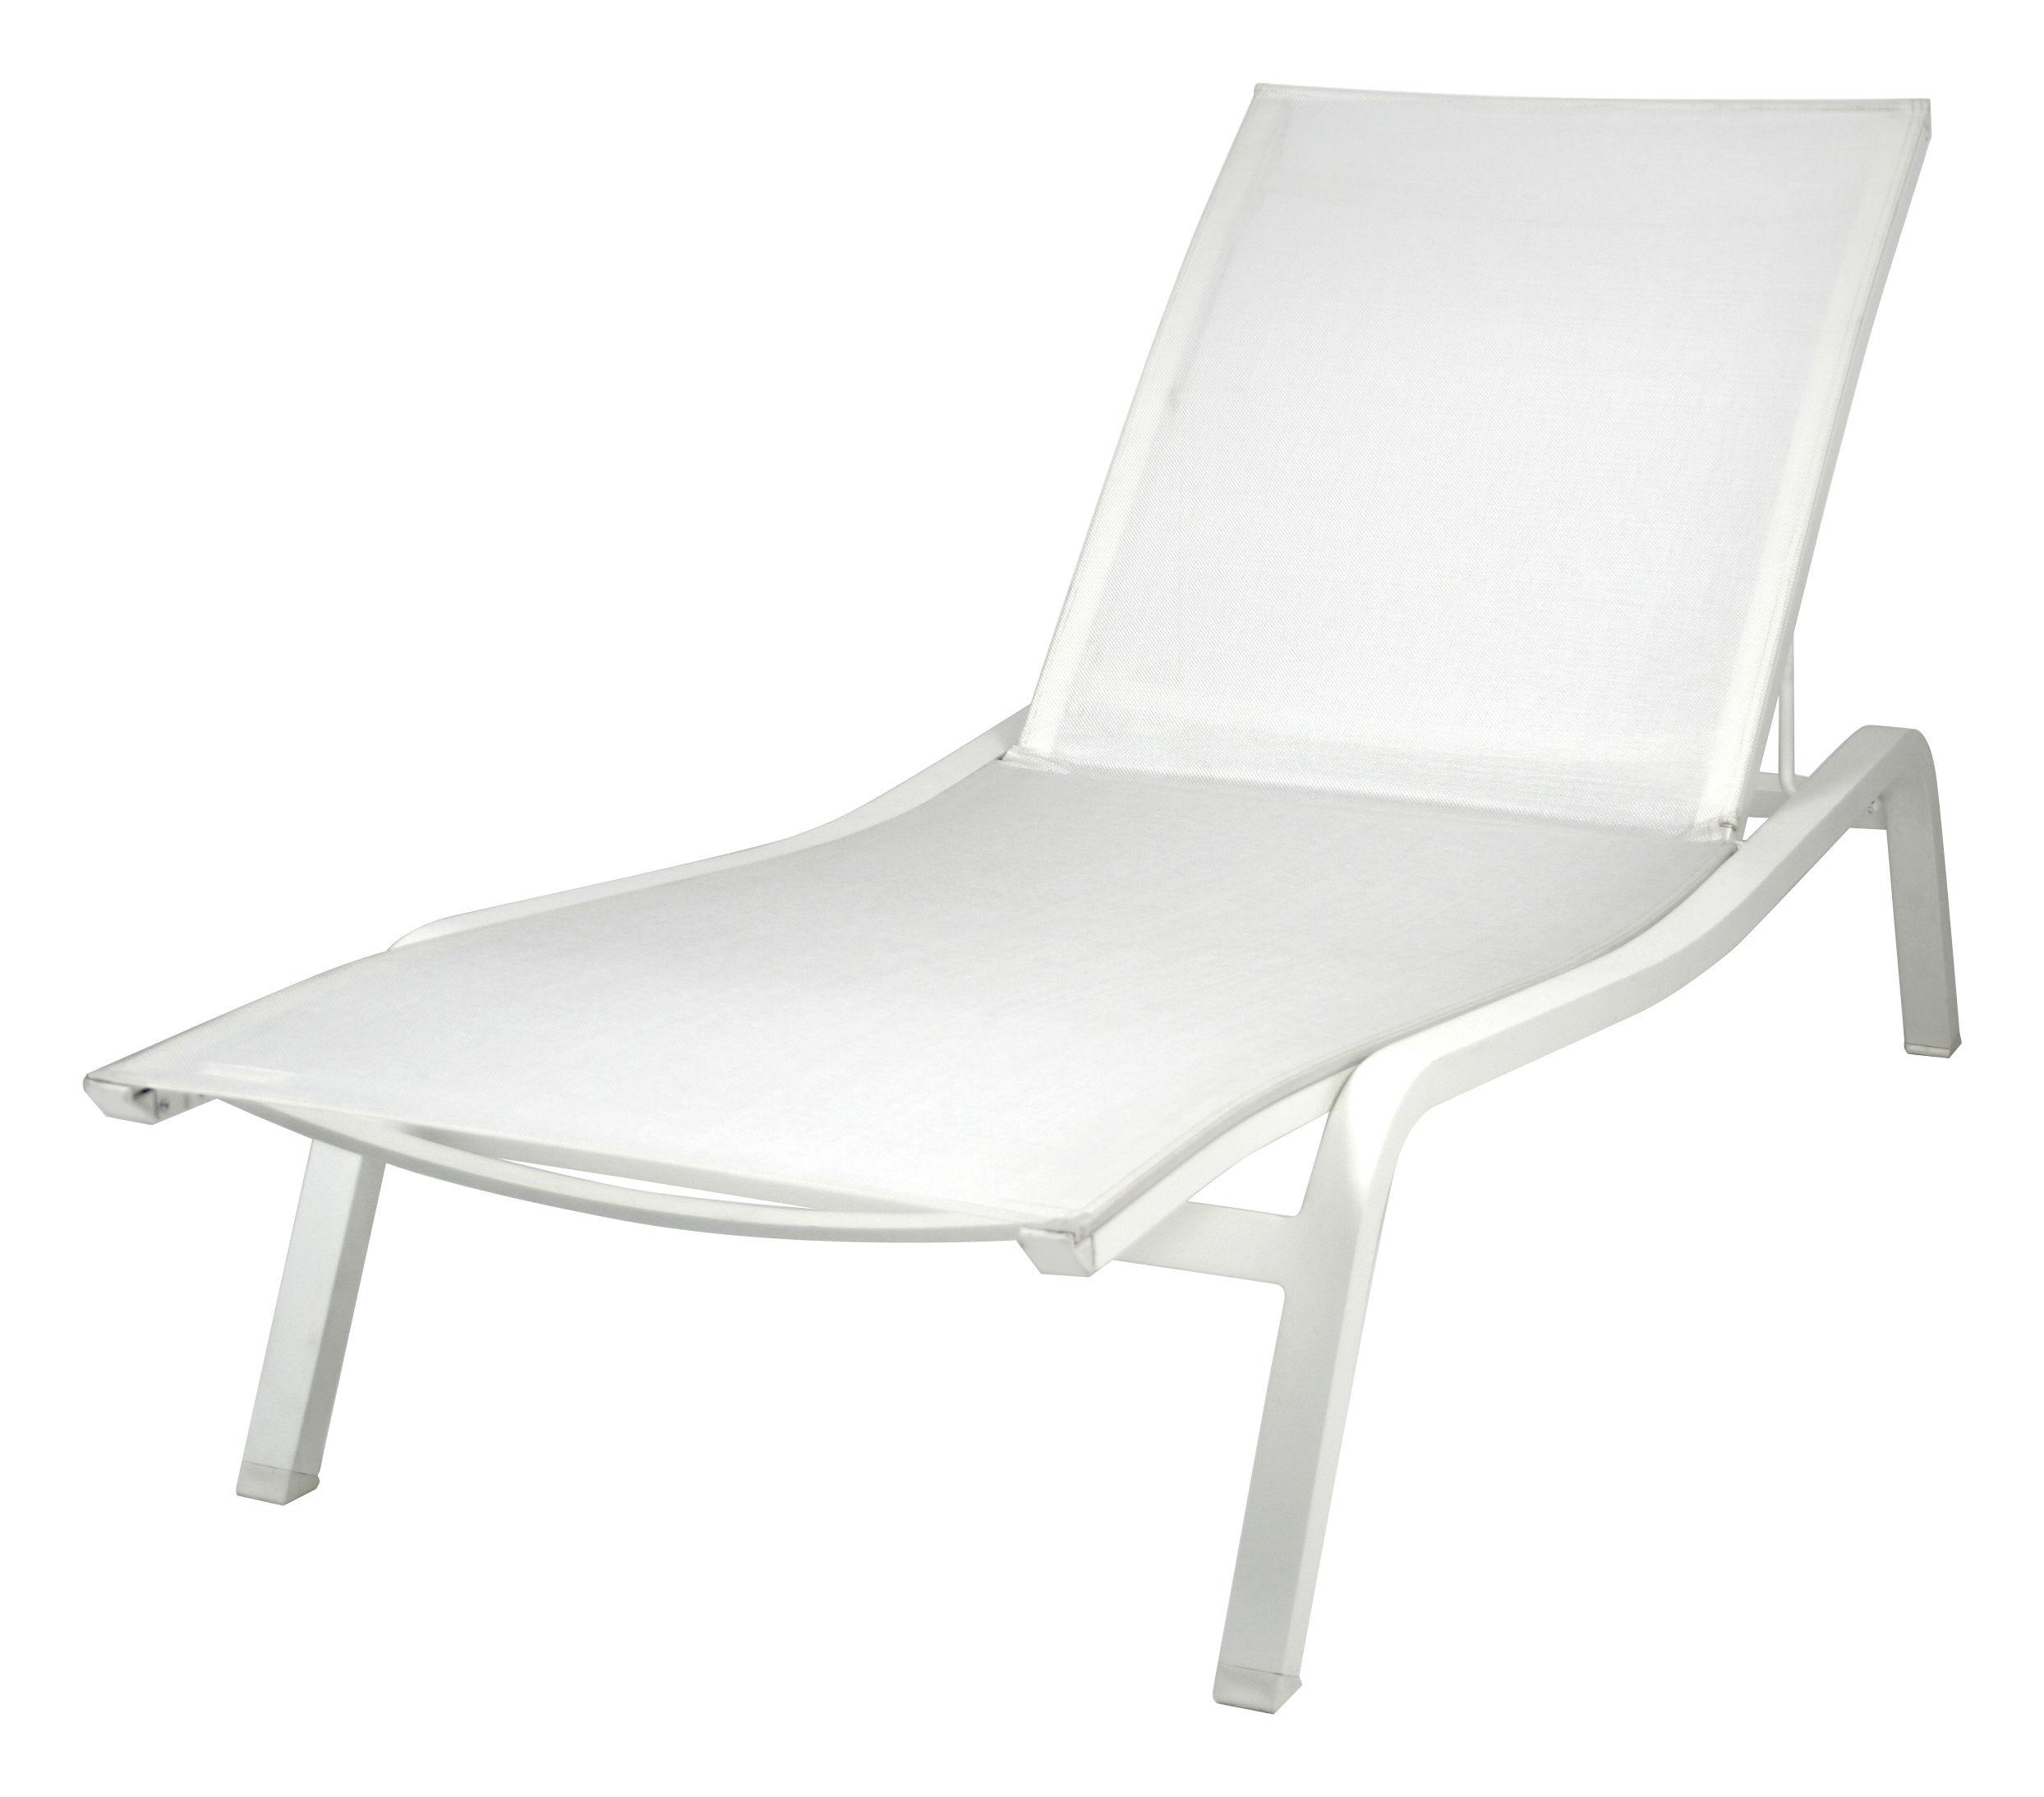 Outdoor - Sedie e Amache - Lettino da sole Alizé XS - larg 72 cm / 3 posizioni di Fermob - Bianco cotone - Larg 72 cm - Alluminio laccato, Tela poliestere